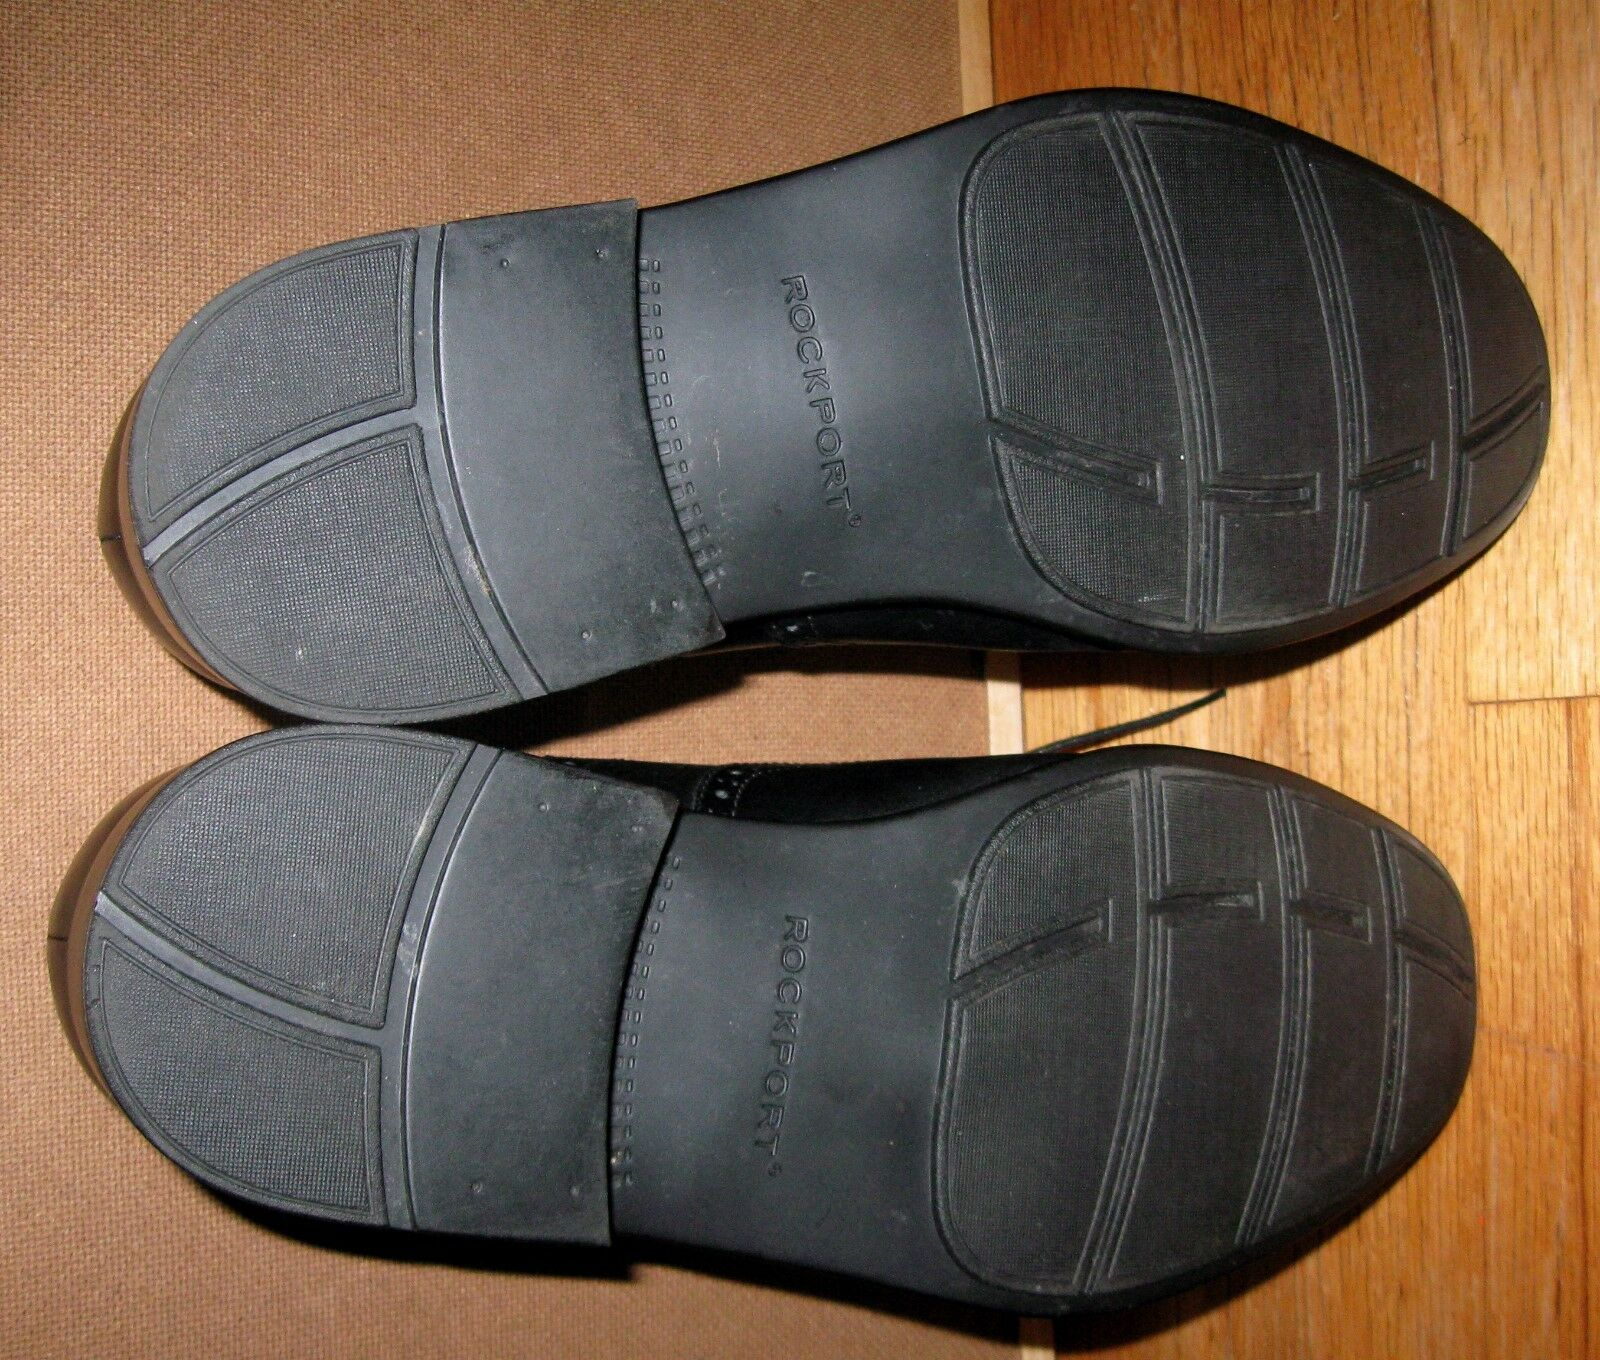 ROCKPORT  ALMARTIN ALMARTIN ALMARTIN  APM28481 herren schwarz LEATHER WINGTIP OXFORDS Größe 12 XW e24f70